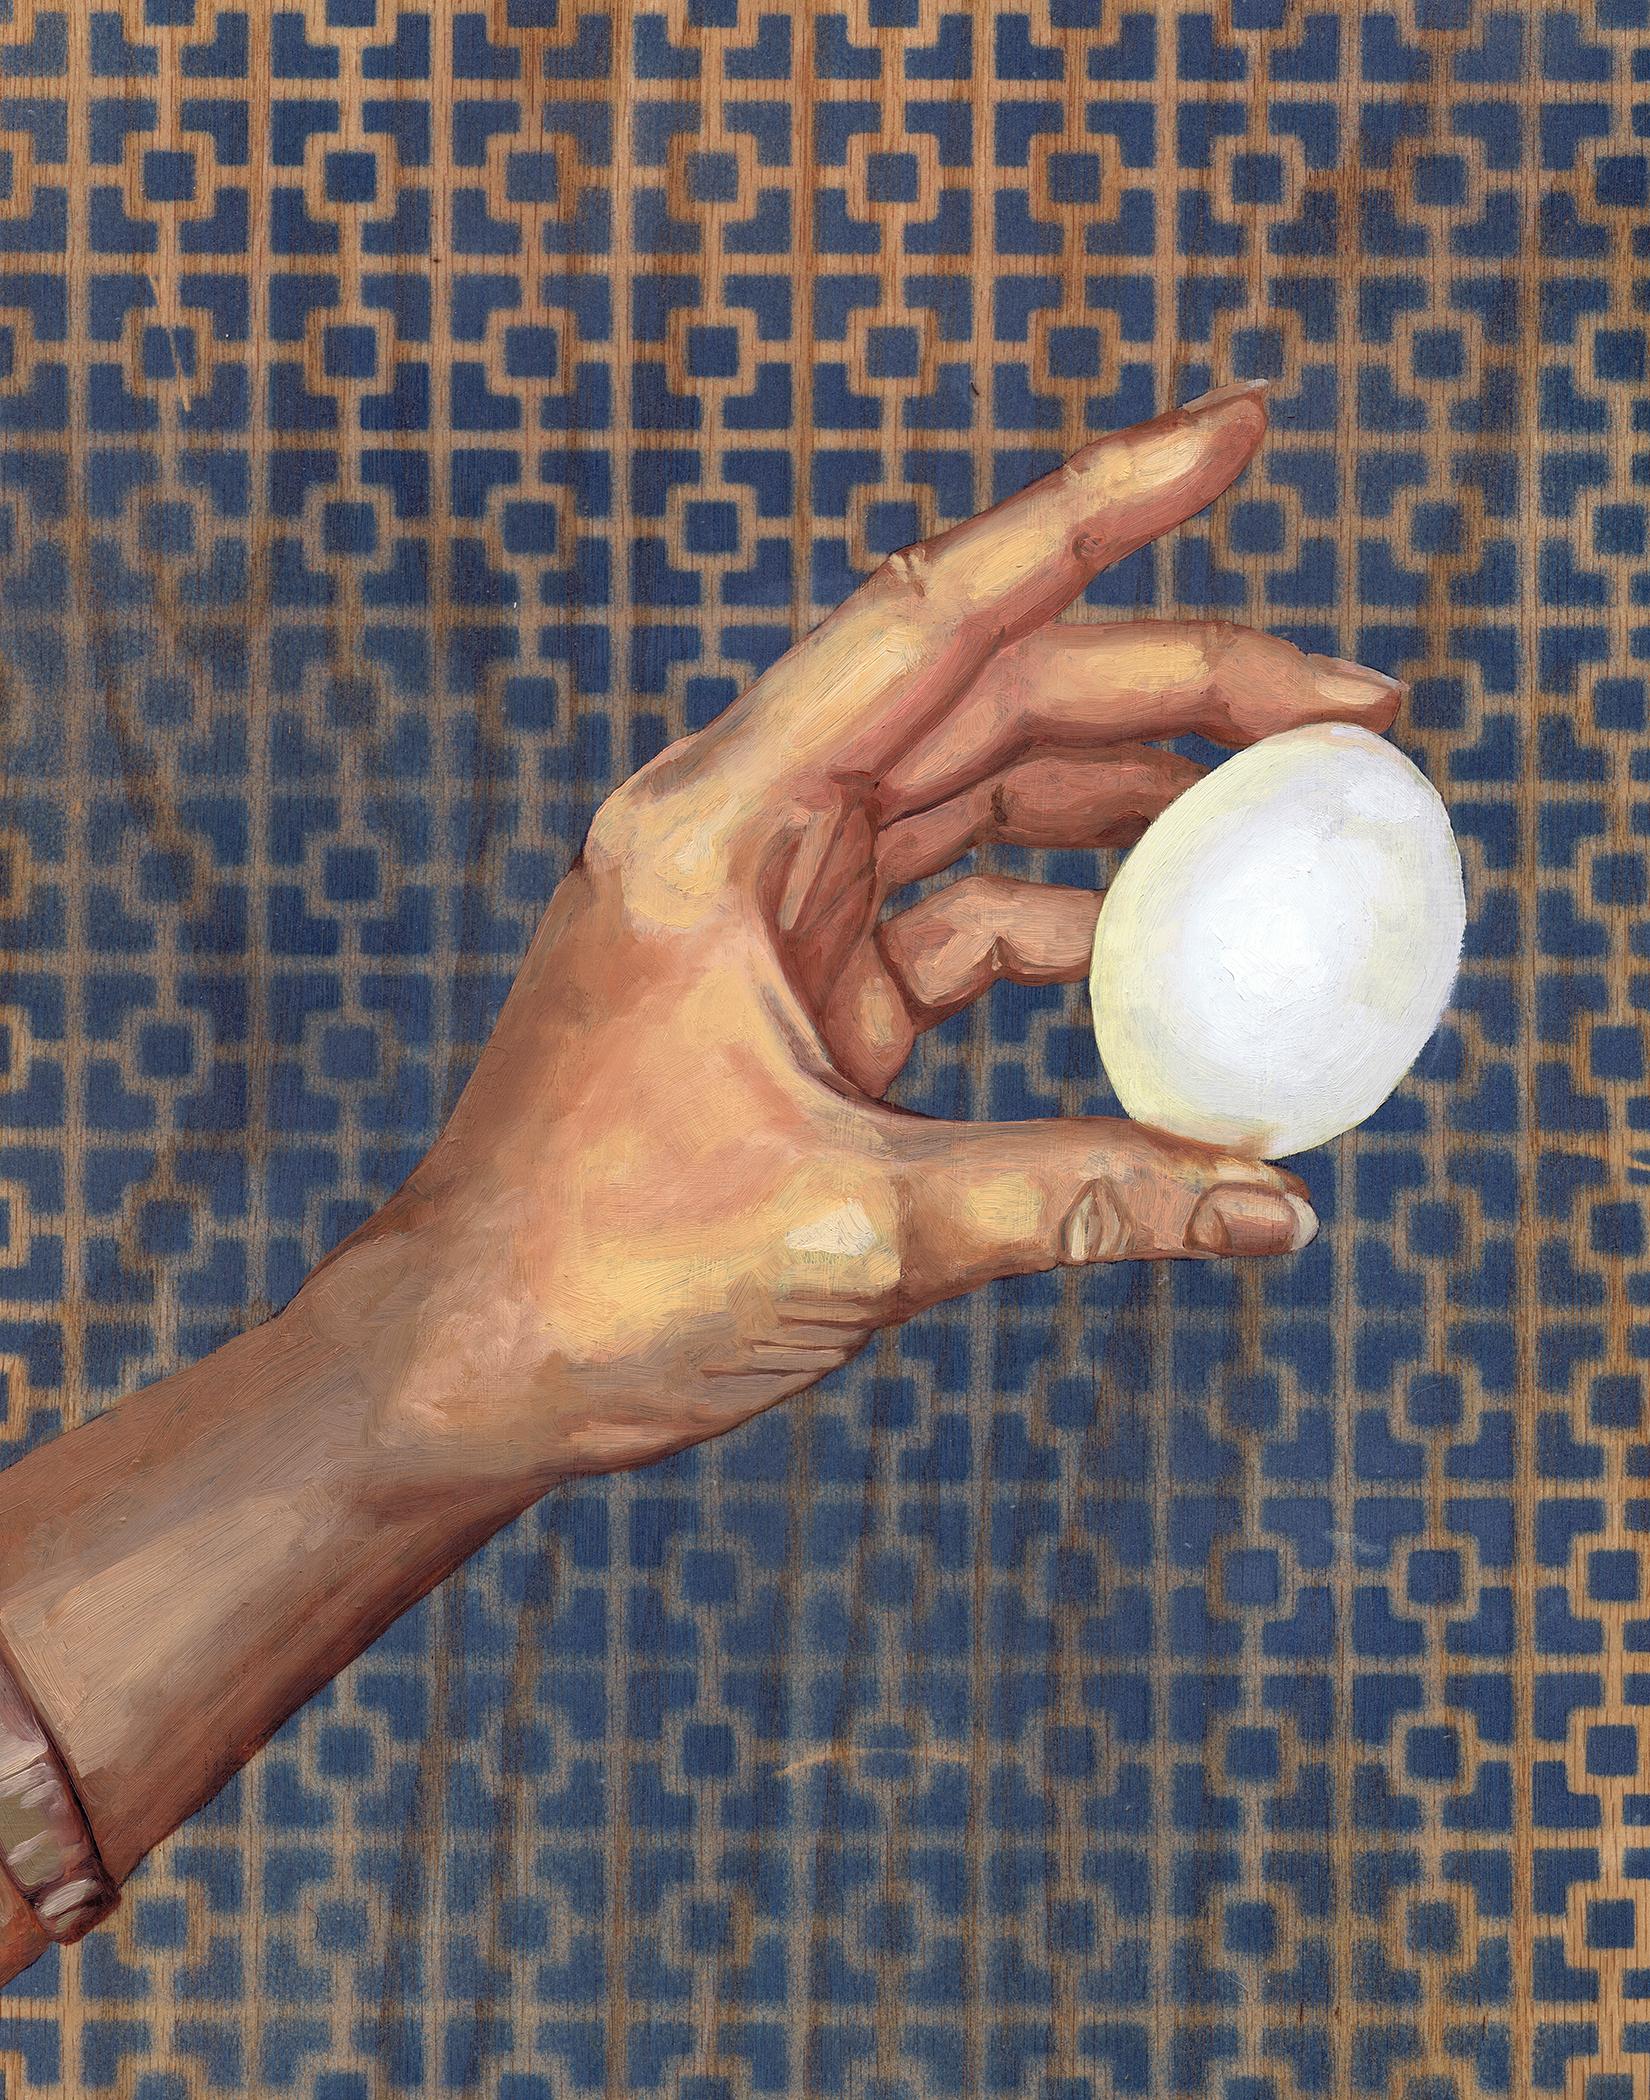 """1 Egg, 14 x 11"""", oil on panel, 2016"""